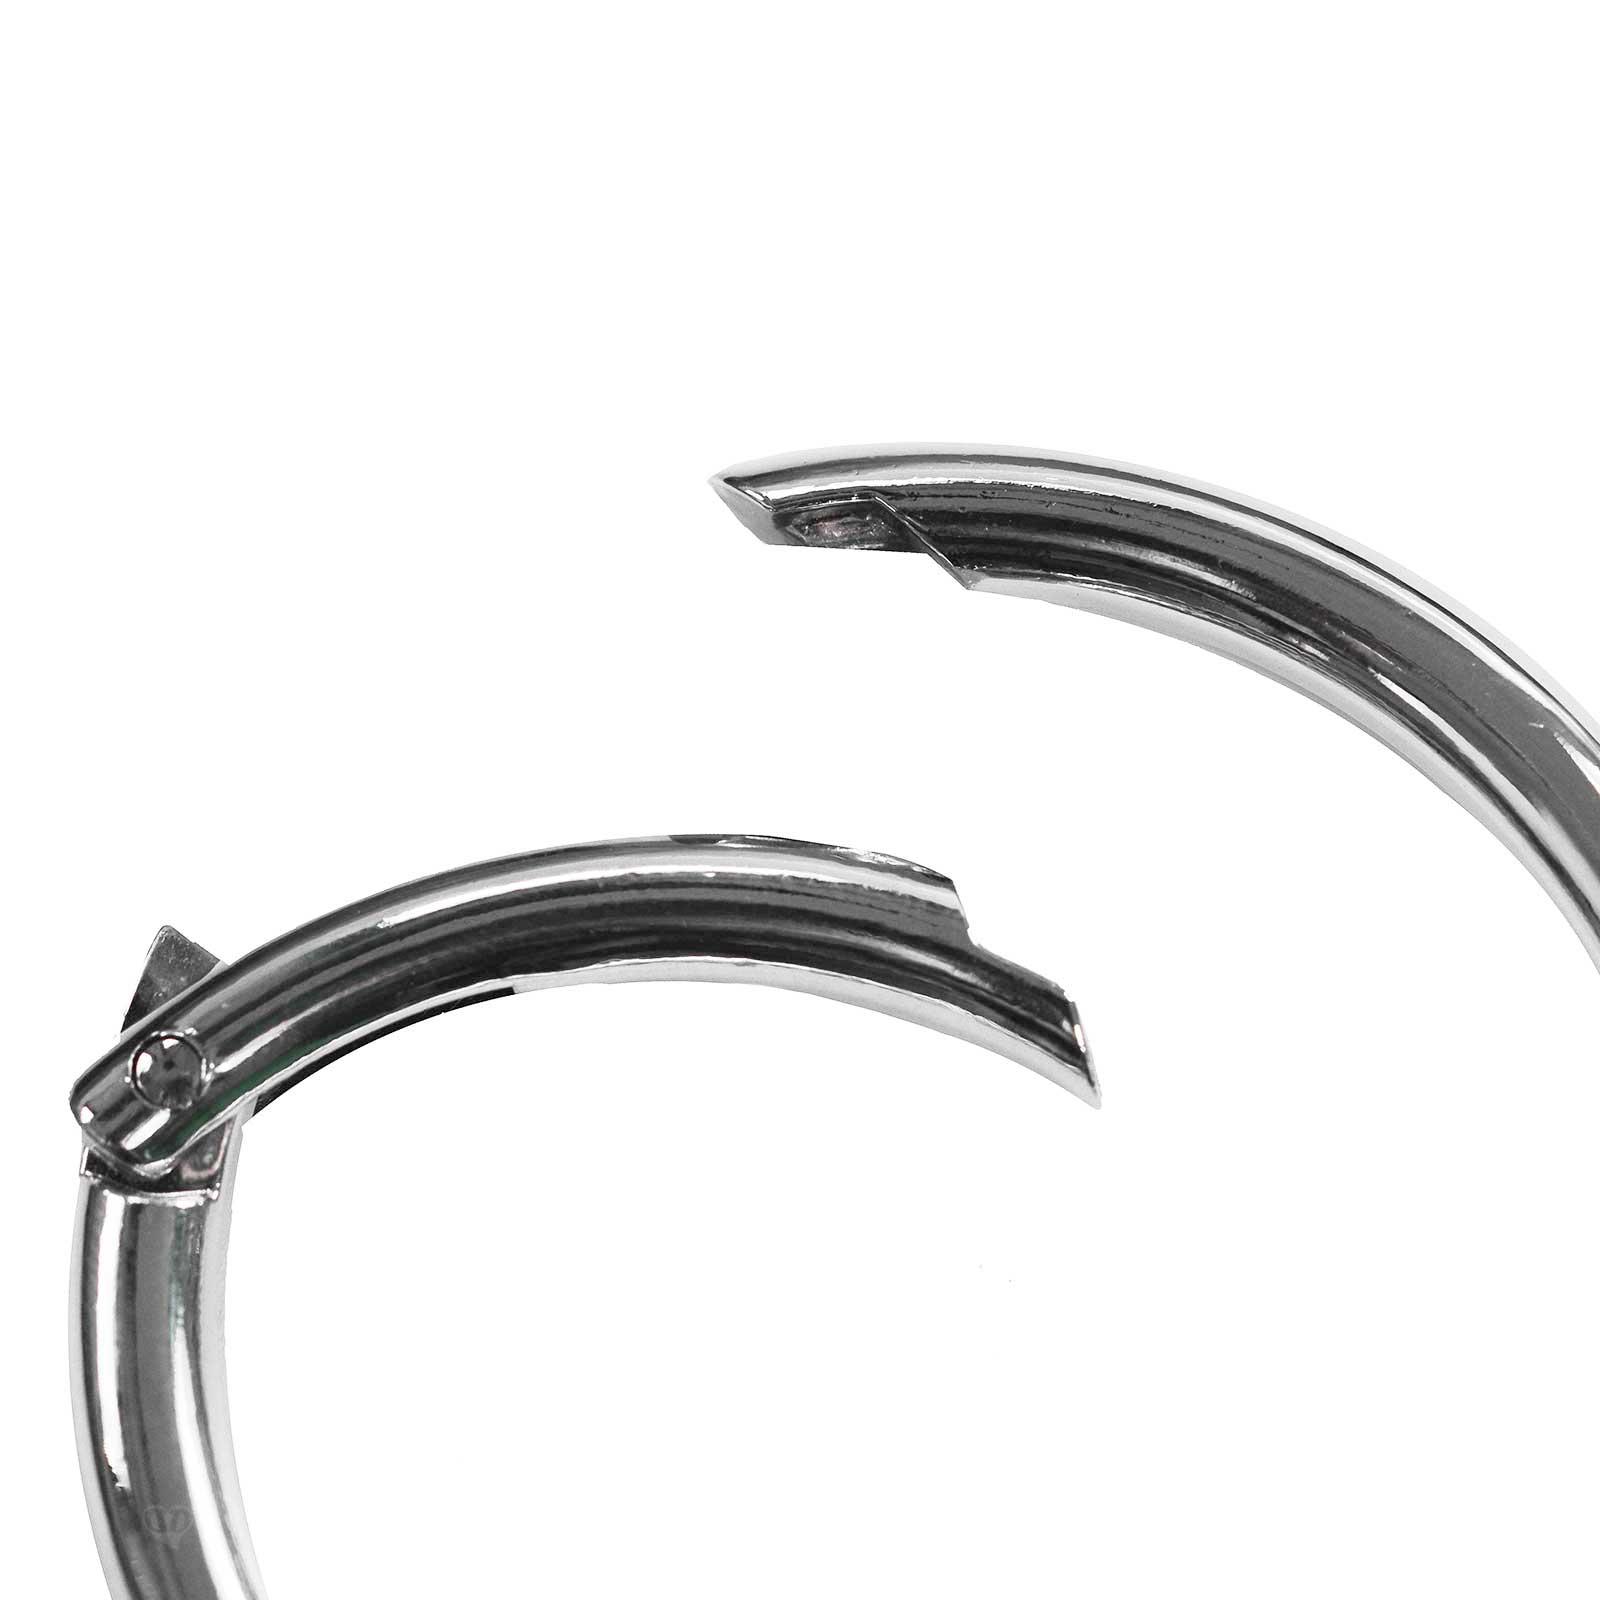 3 Ring-Karabiner Metall Karabinerhaken Schlüssel Verschluss Outdoor Tasche, Farbwahl Größenwahl – Bild 22